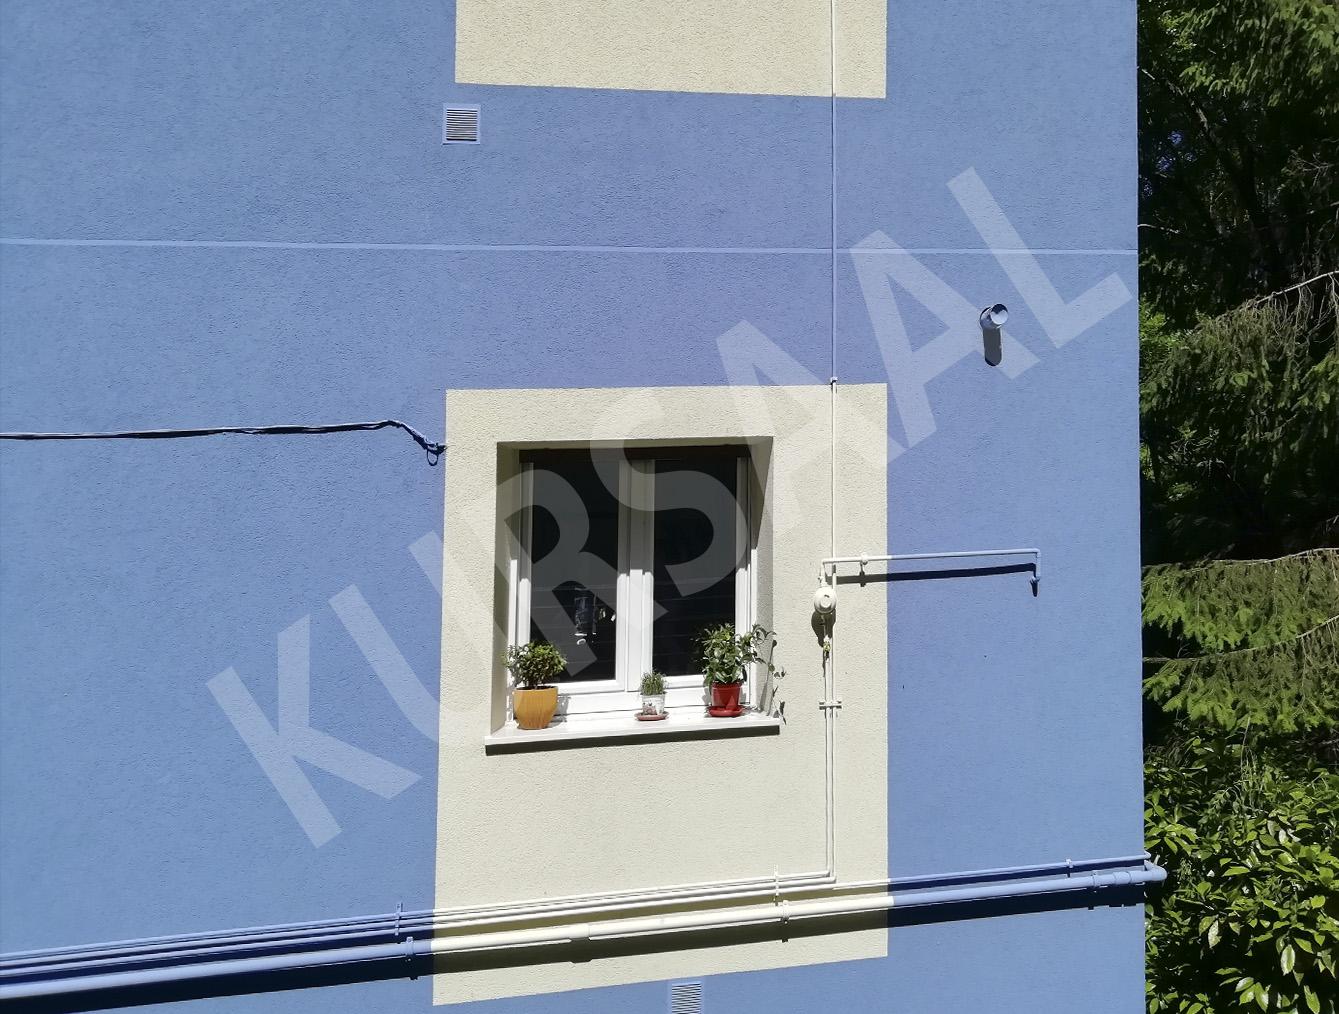 foto 12 - Aislamientos Térmicos y Eficiencia Energética-Casares 66-PASAIA, GIPUZKOA